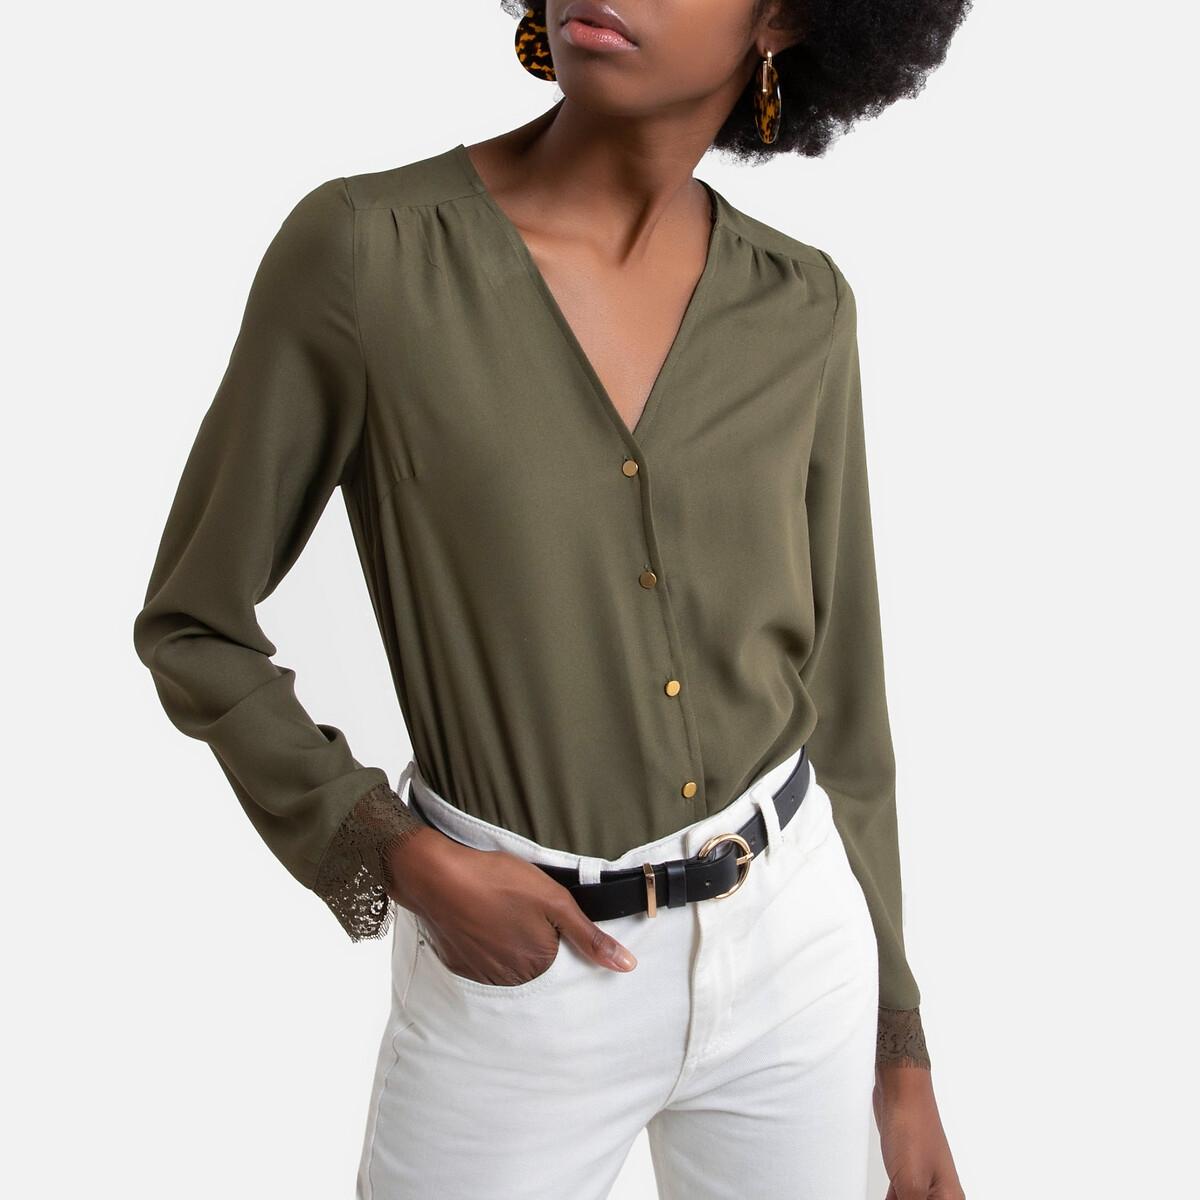 Фото - Блузка LaRedoute С V-образным вырезом кружевные вставки XS зеленый блузка laredoute с принтом и v образным вырезом длинные рукава xs зеленый